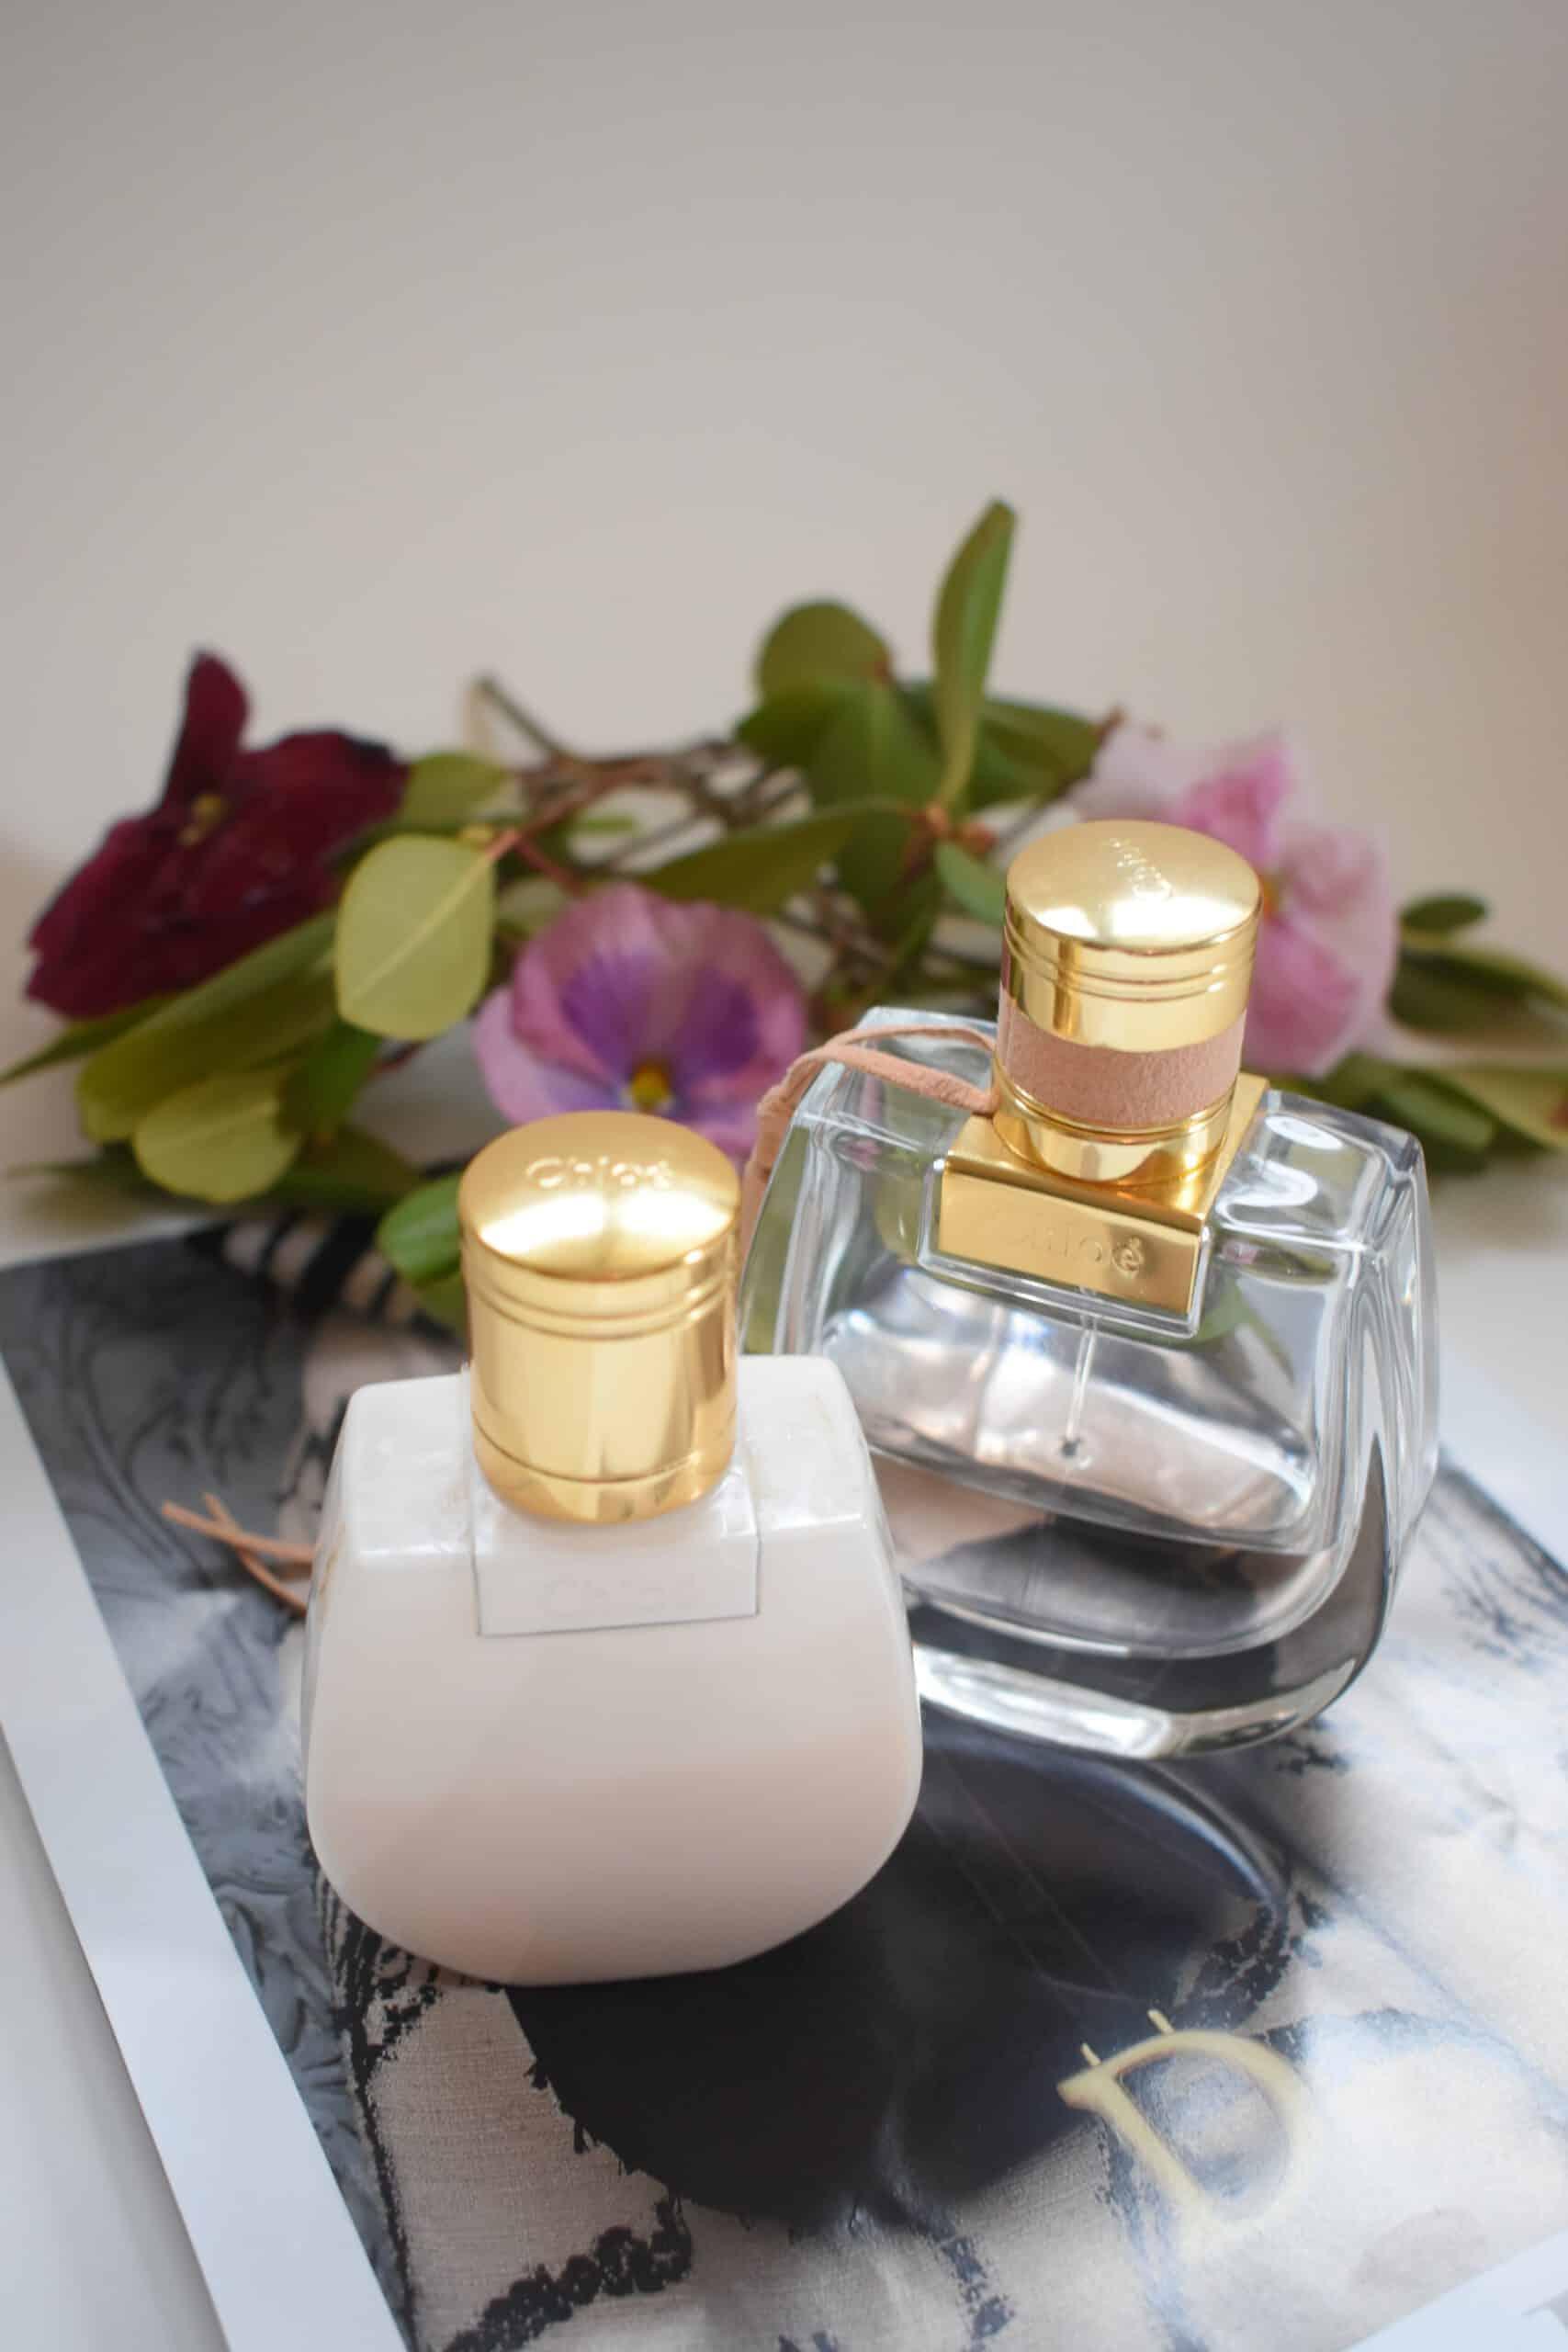 Perfumy Calvin Klein damskie i męskie pod choinkę